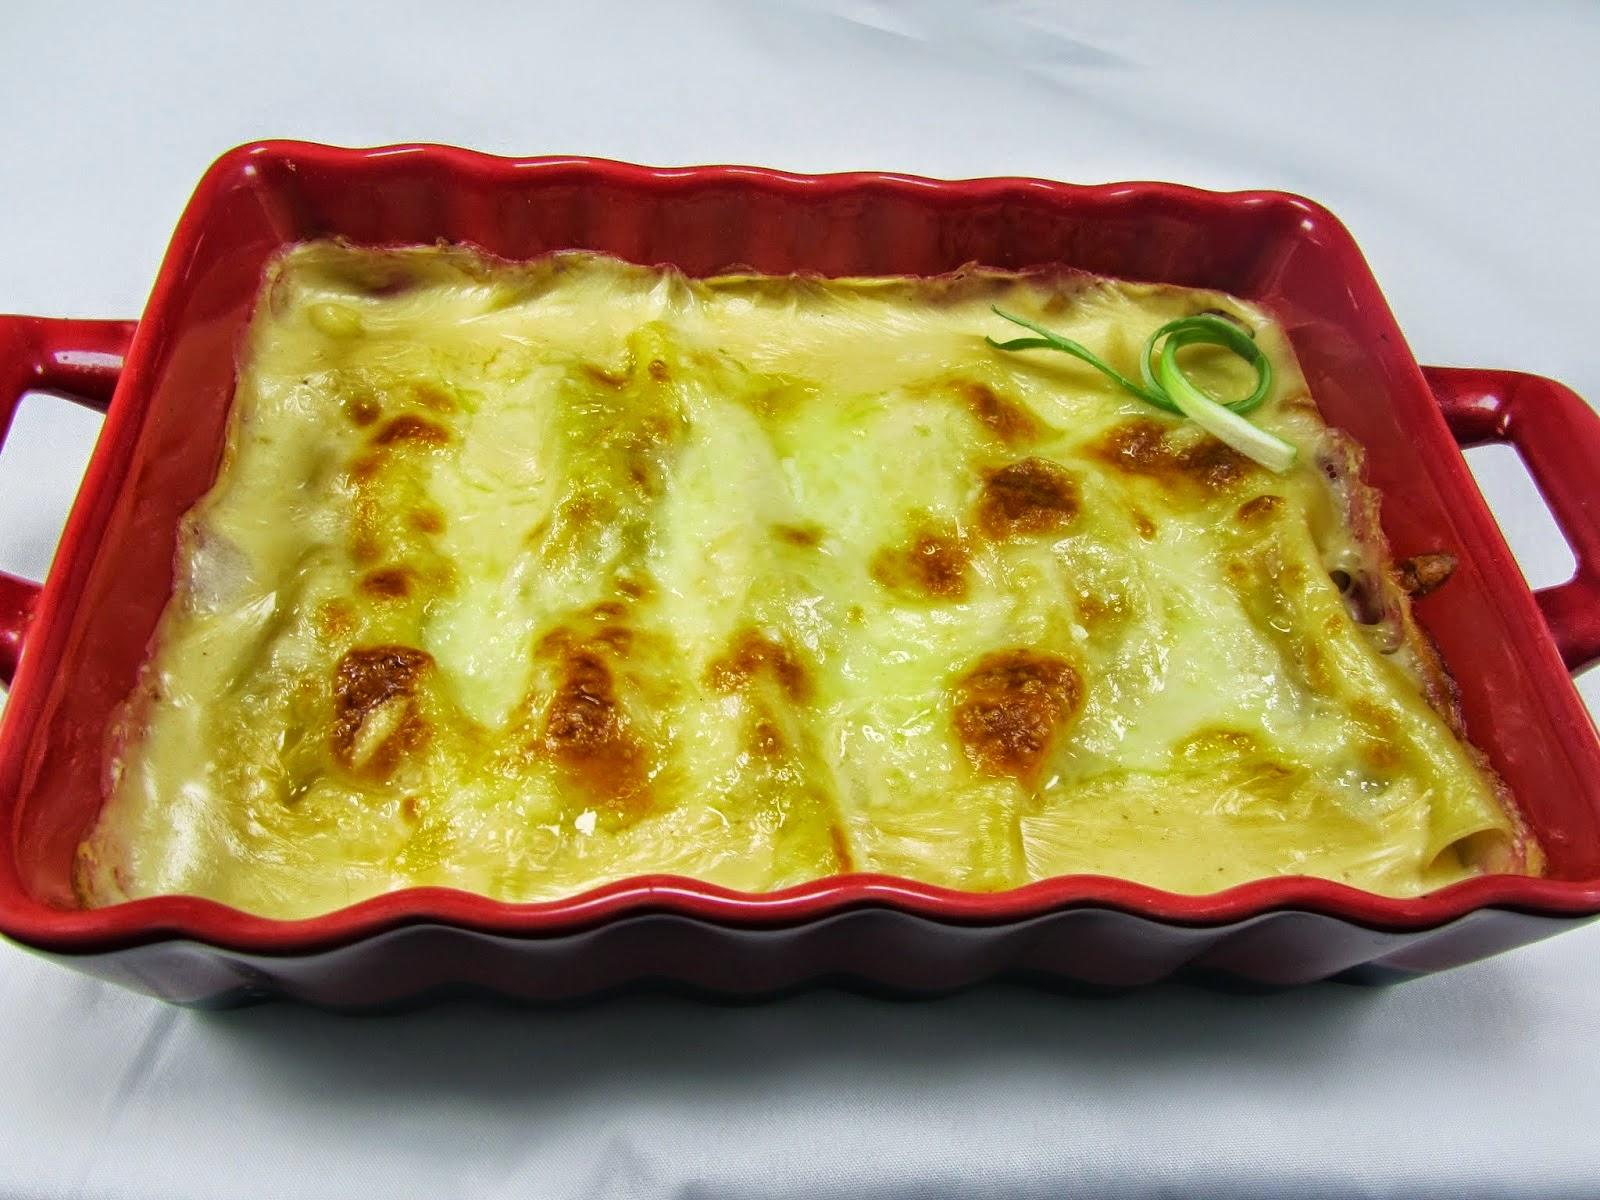 Canelones de merluza y langostinos Ana Sevilla cocina trdicional